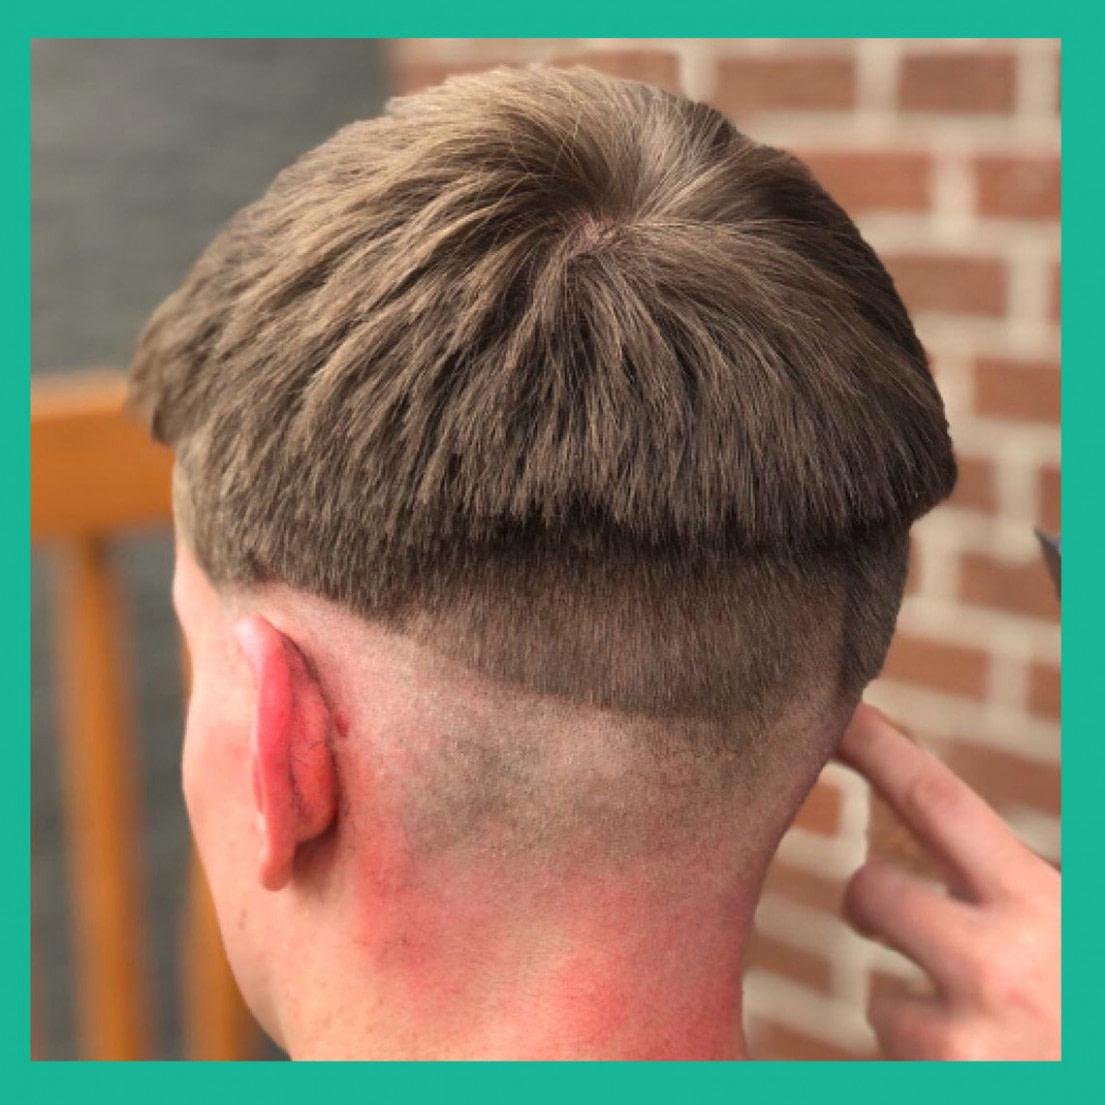 Corona Haircut: Frisuren Zeigen, Dass Man Sich Niemals Selbst Die  - Frisuren Männer Irokese